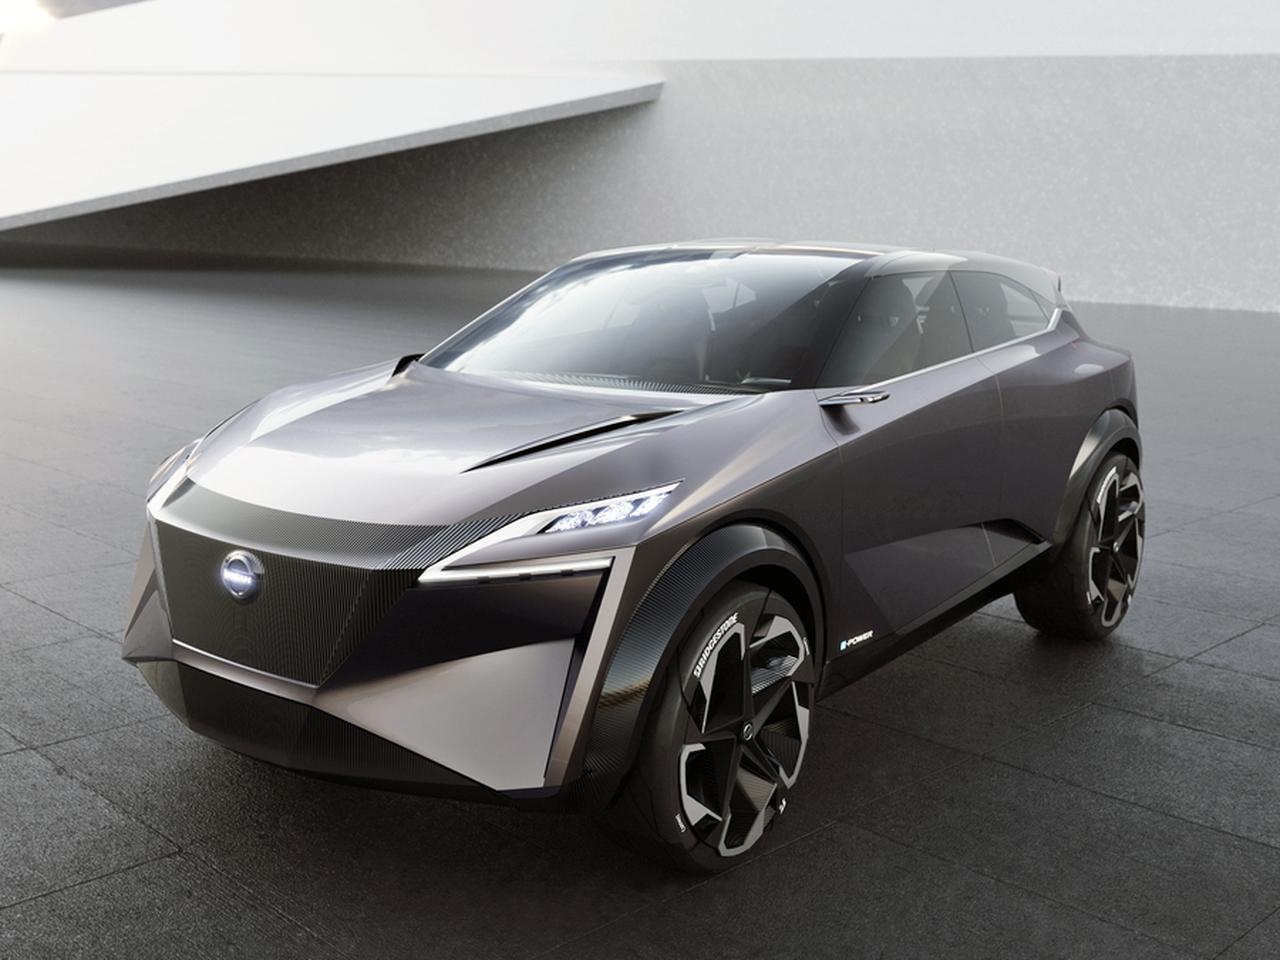 日産自動車、クロスオーバーコンセプトの「IMQ」を世界初公開【2019ジュネーブショー】 - Webモーターマガジン